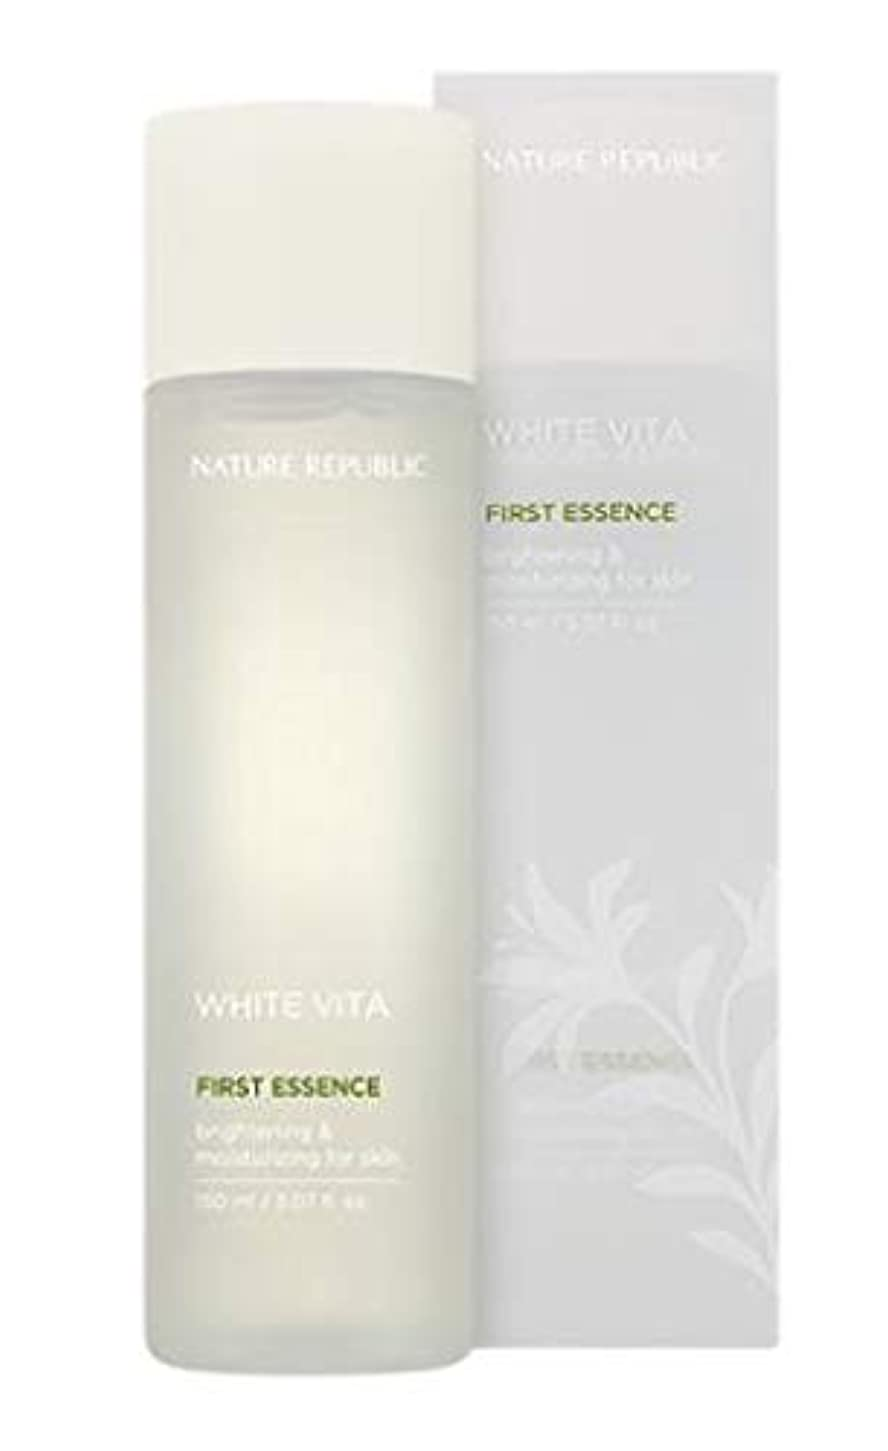 剛性忙しい野菜NATURE REPUBLIC White Vita First Essence ネイチャーリパブリック ホワイトビタファーストエッセンス [並行輸入品]